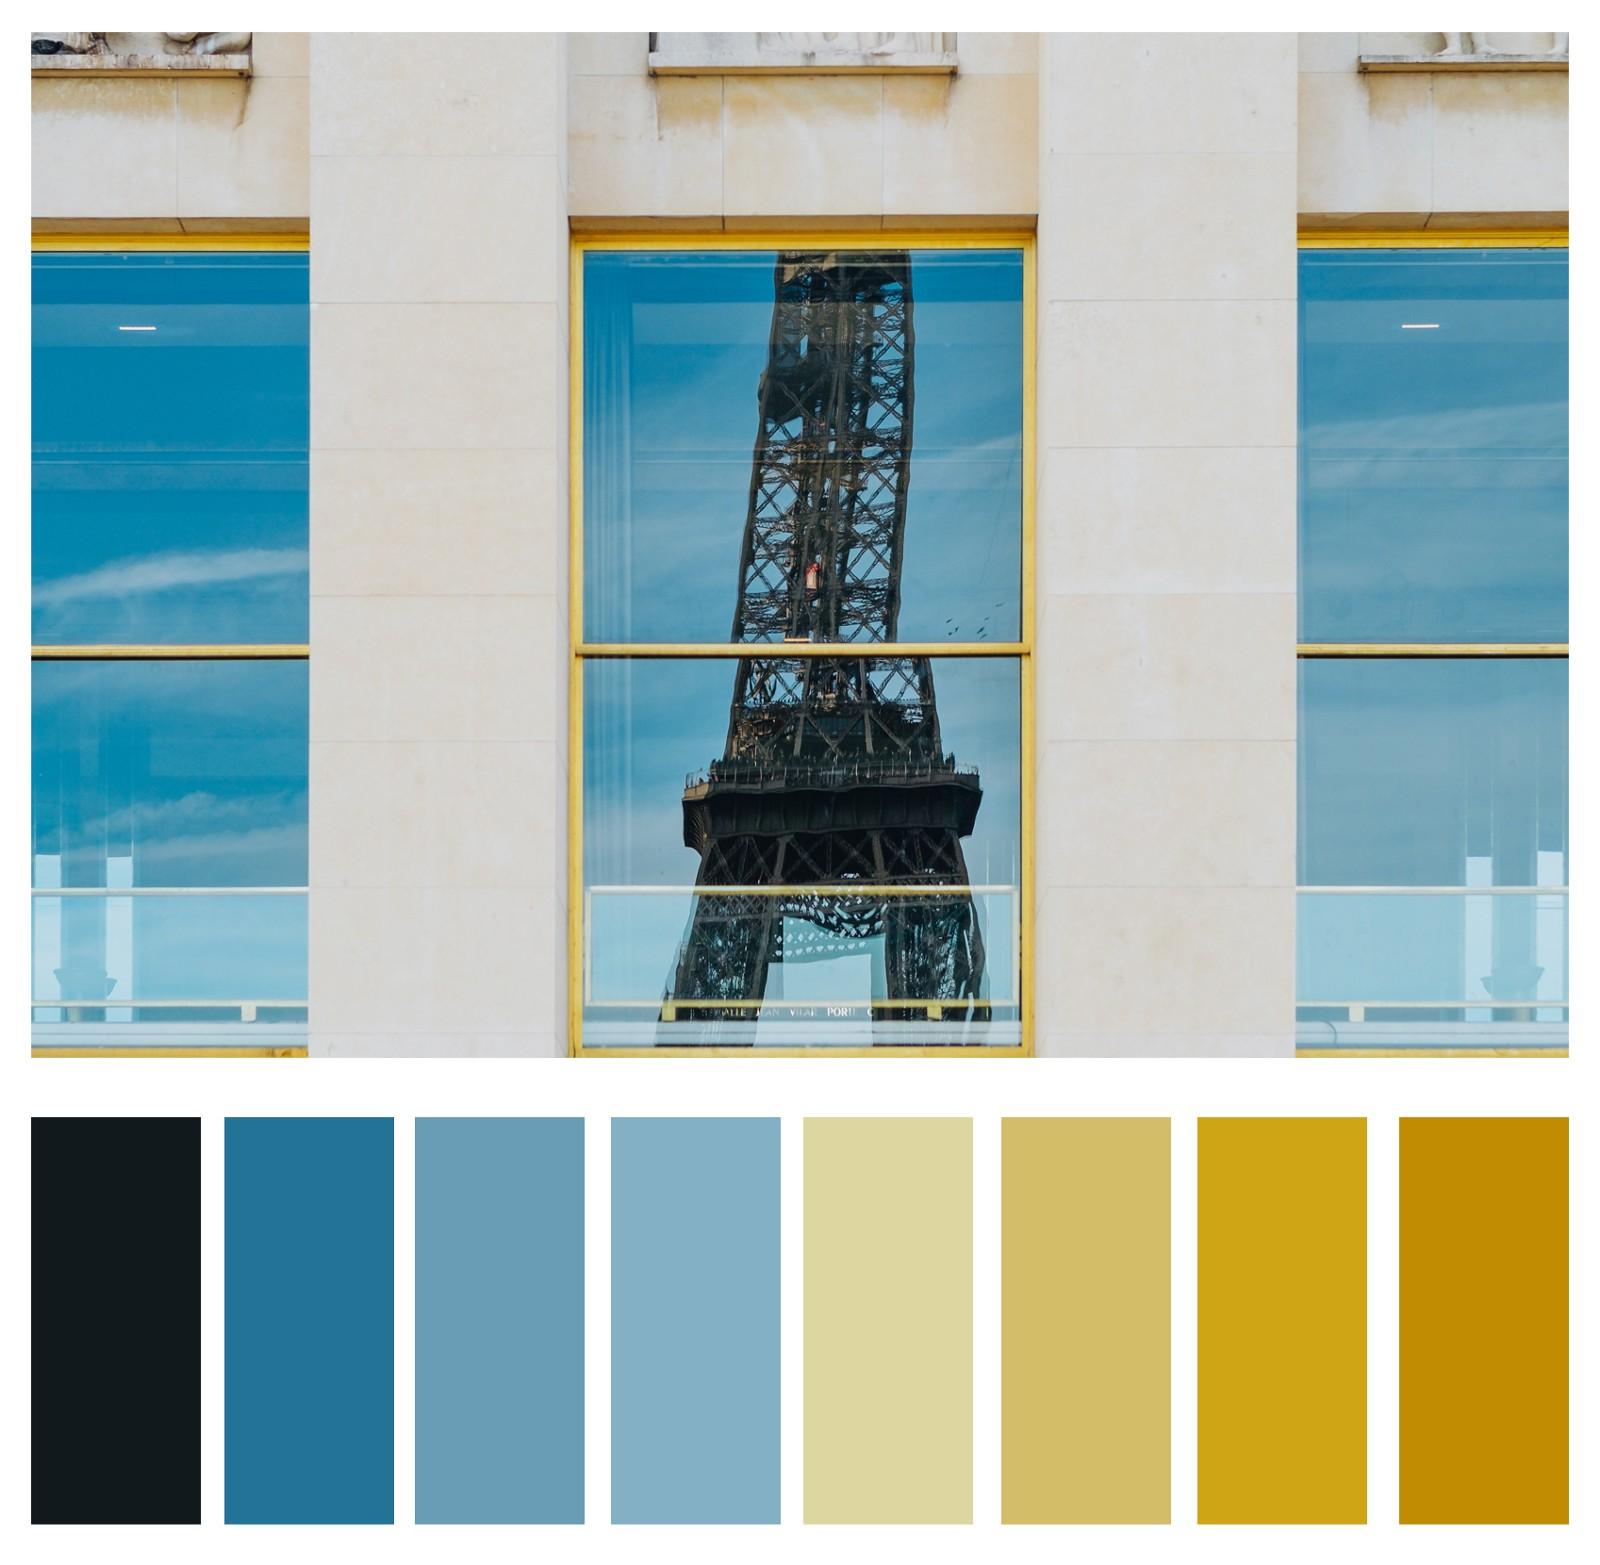 3а. Відтінки блакитного та жовтого - компліментарні